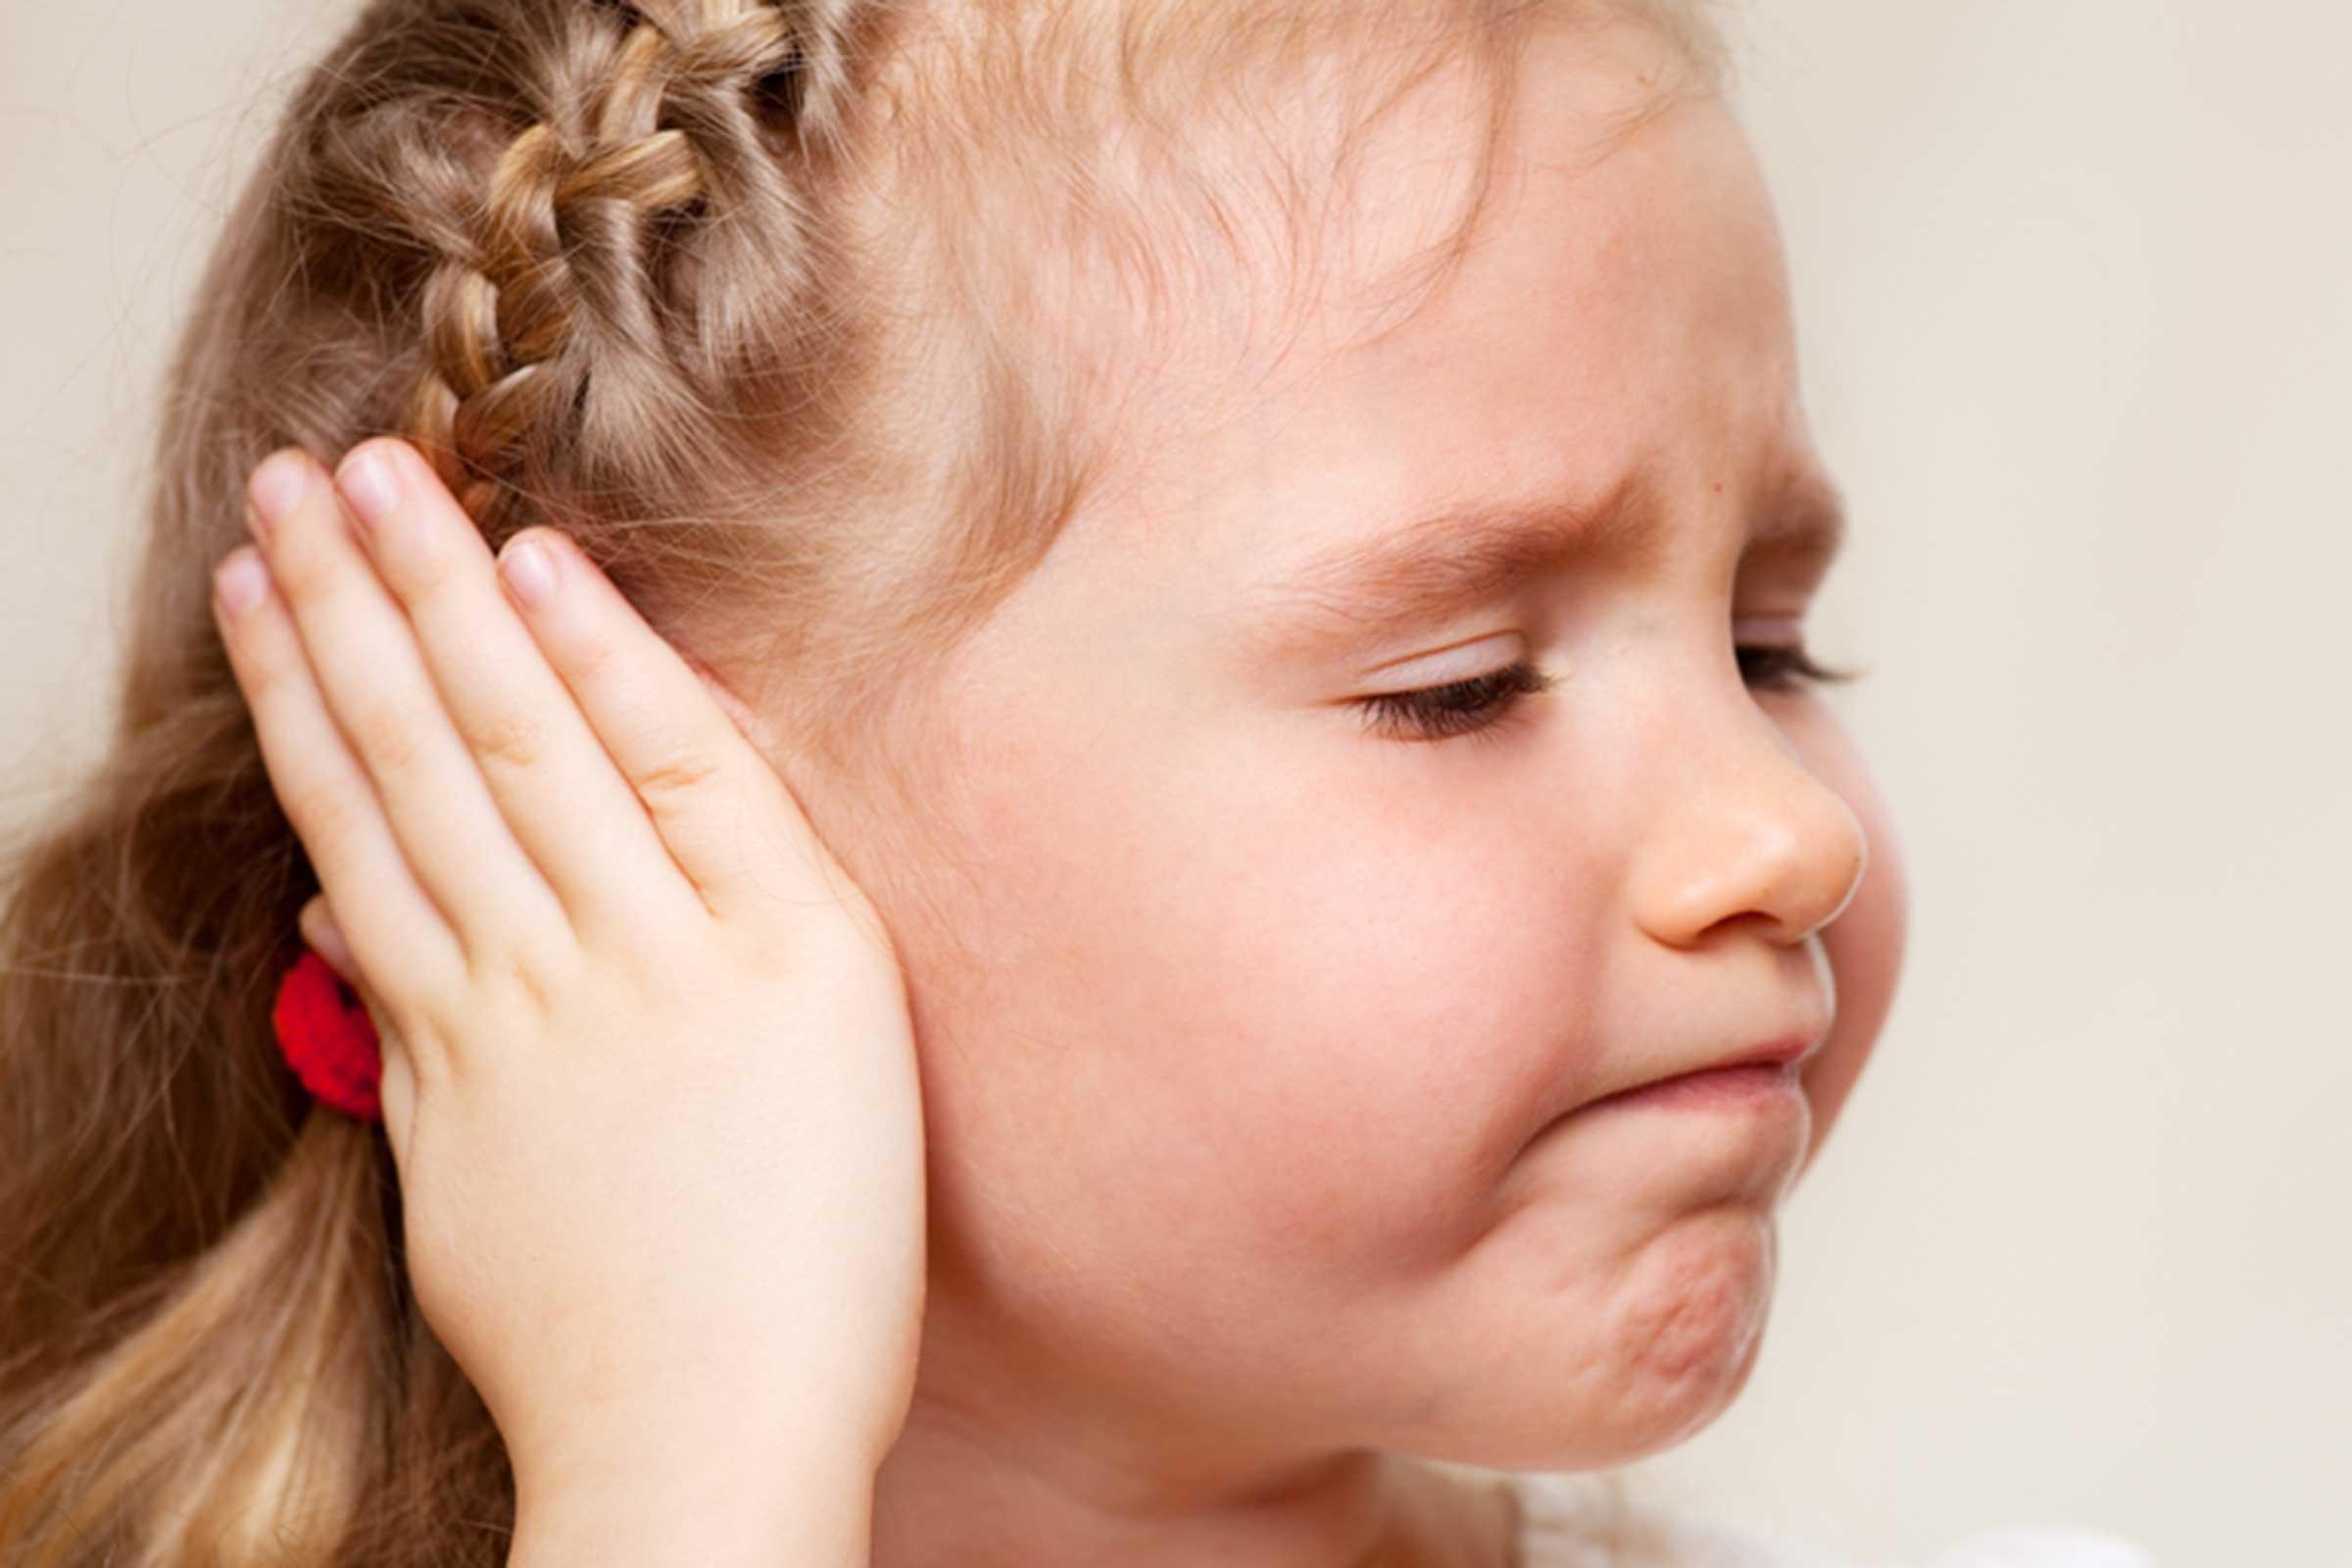 Criança com dor de ouvido coloca a mão na orelha